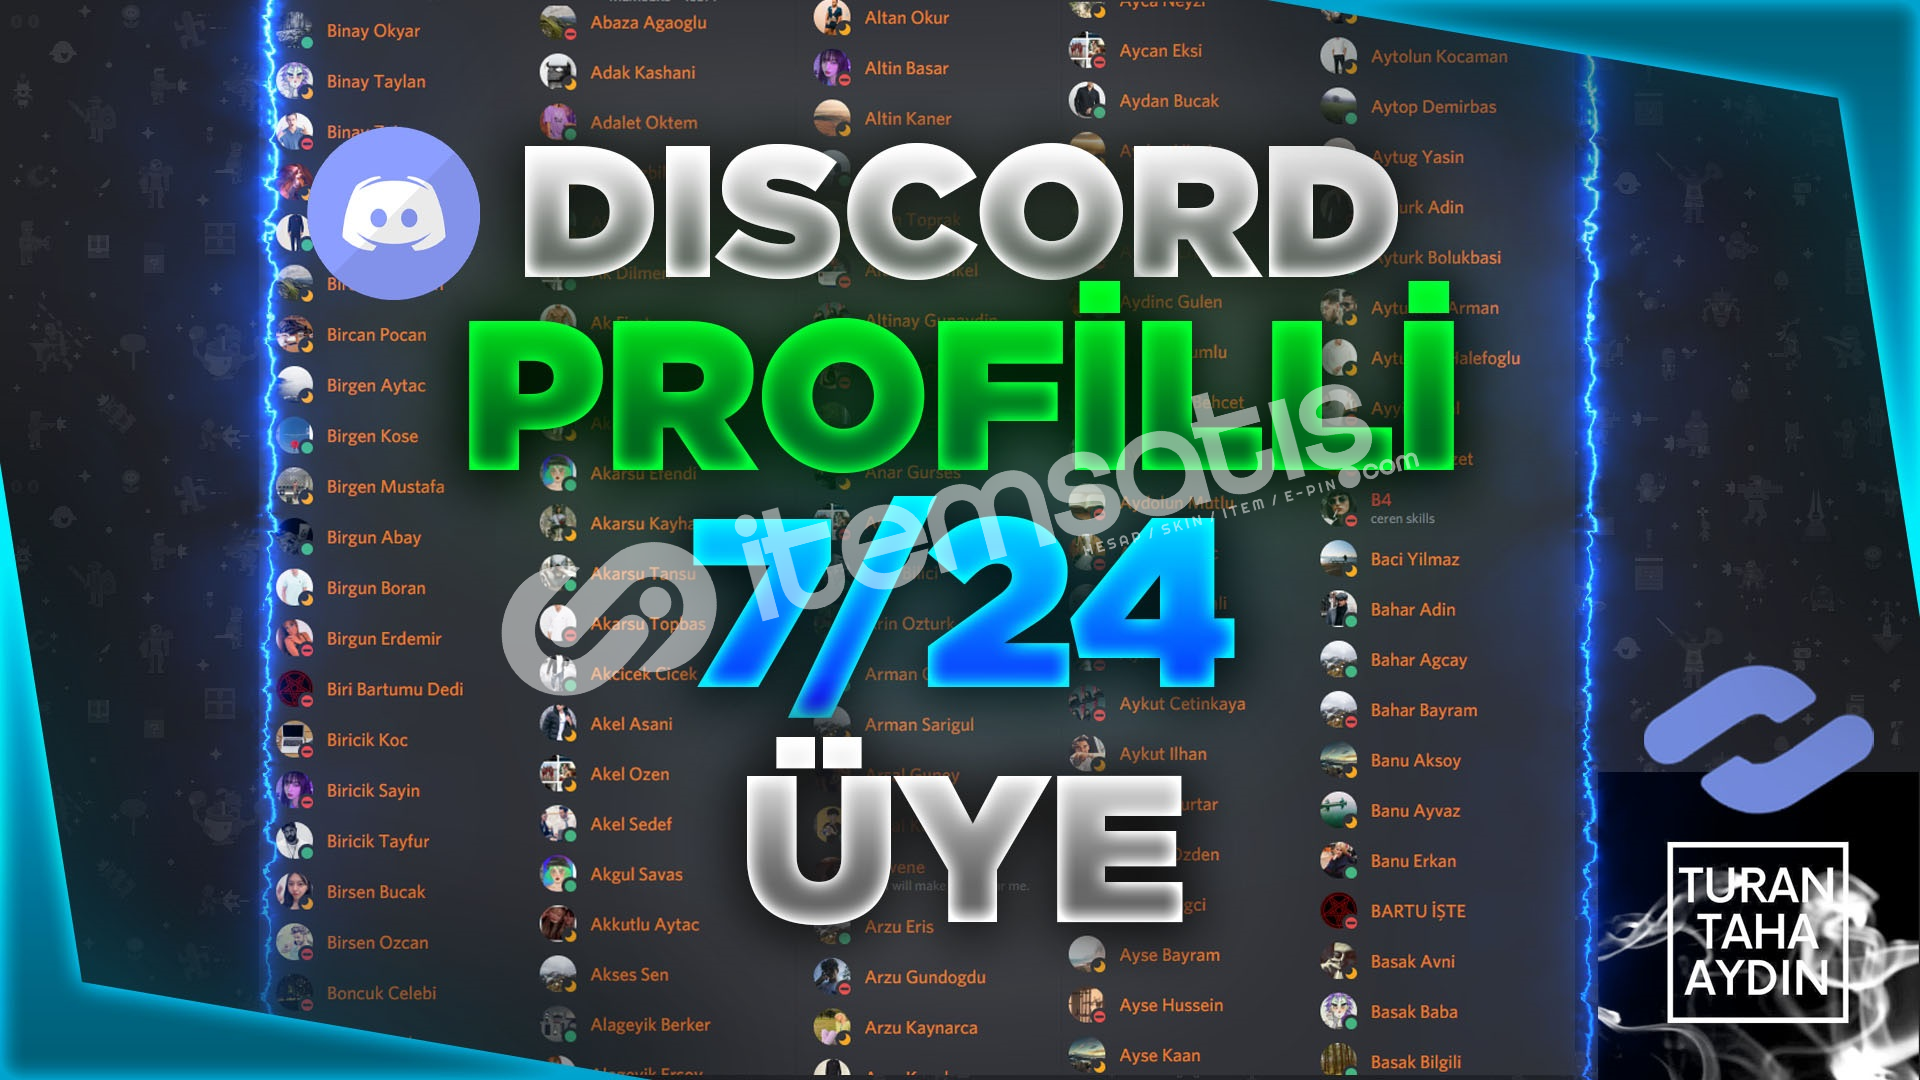 Hepsi Profil Fotoğraflı Discord 1000 Adet 7/24 Çevrimiçi Üye